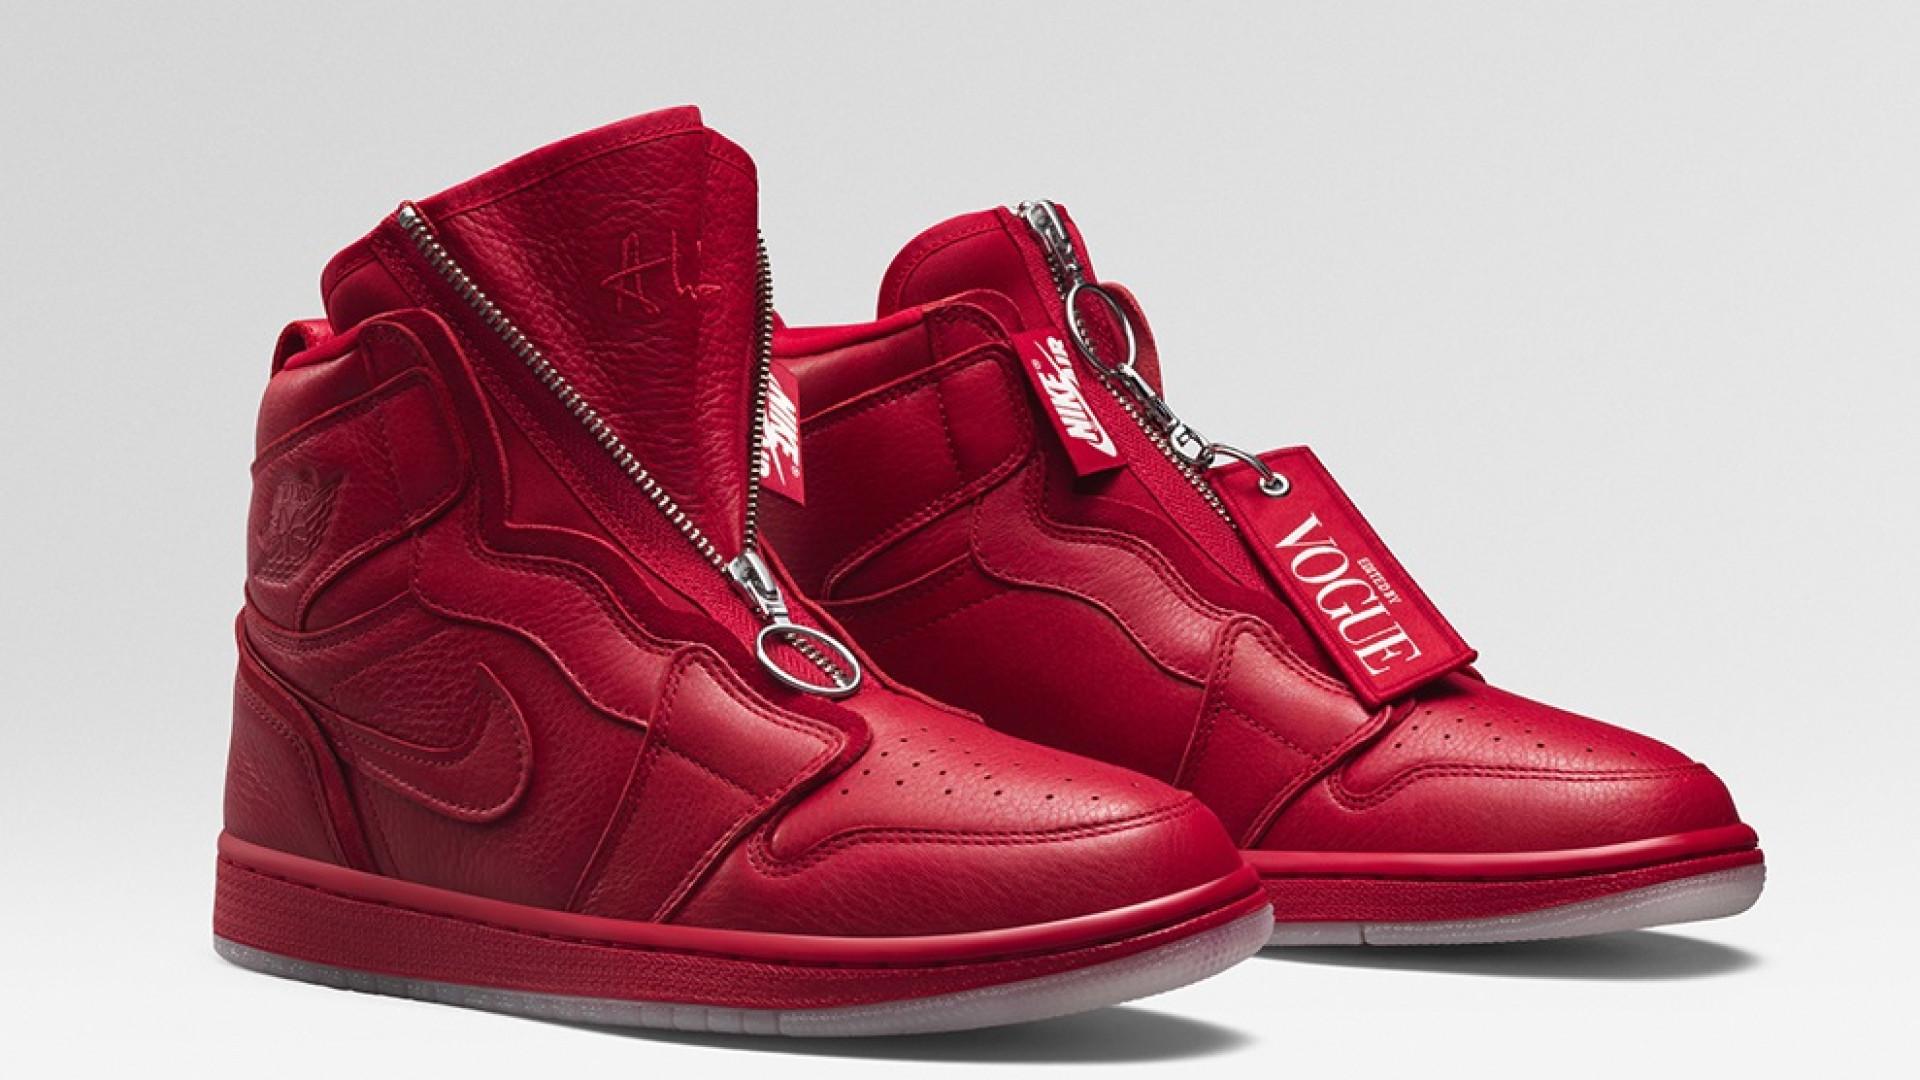 Nike junta-se a Vogue para lançar o novo modelo Air Jordan